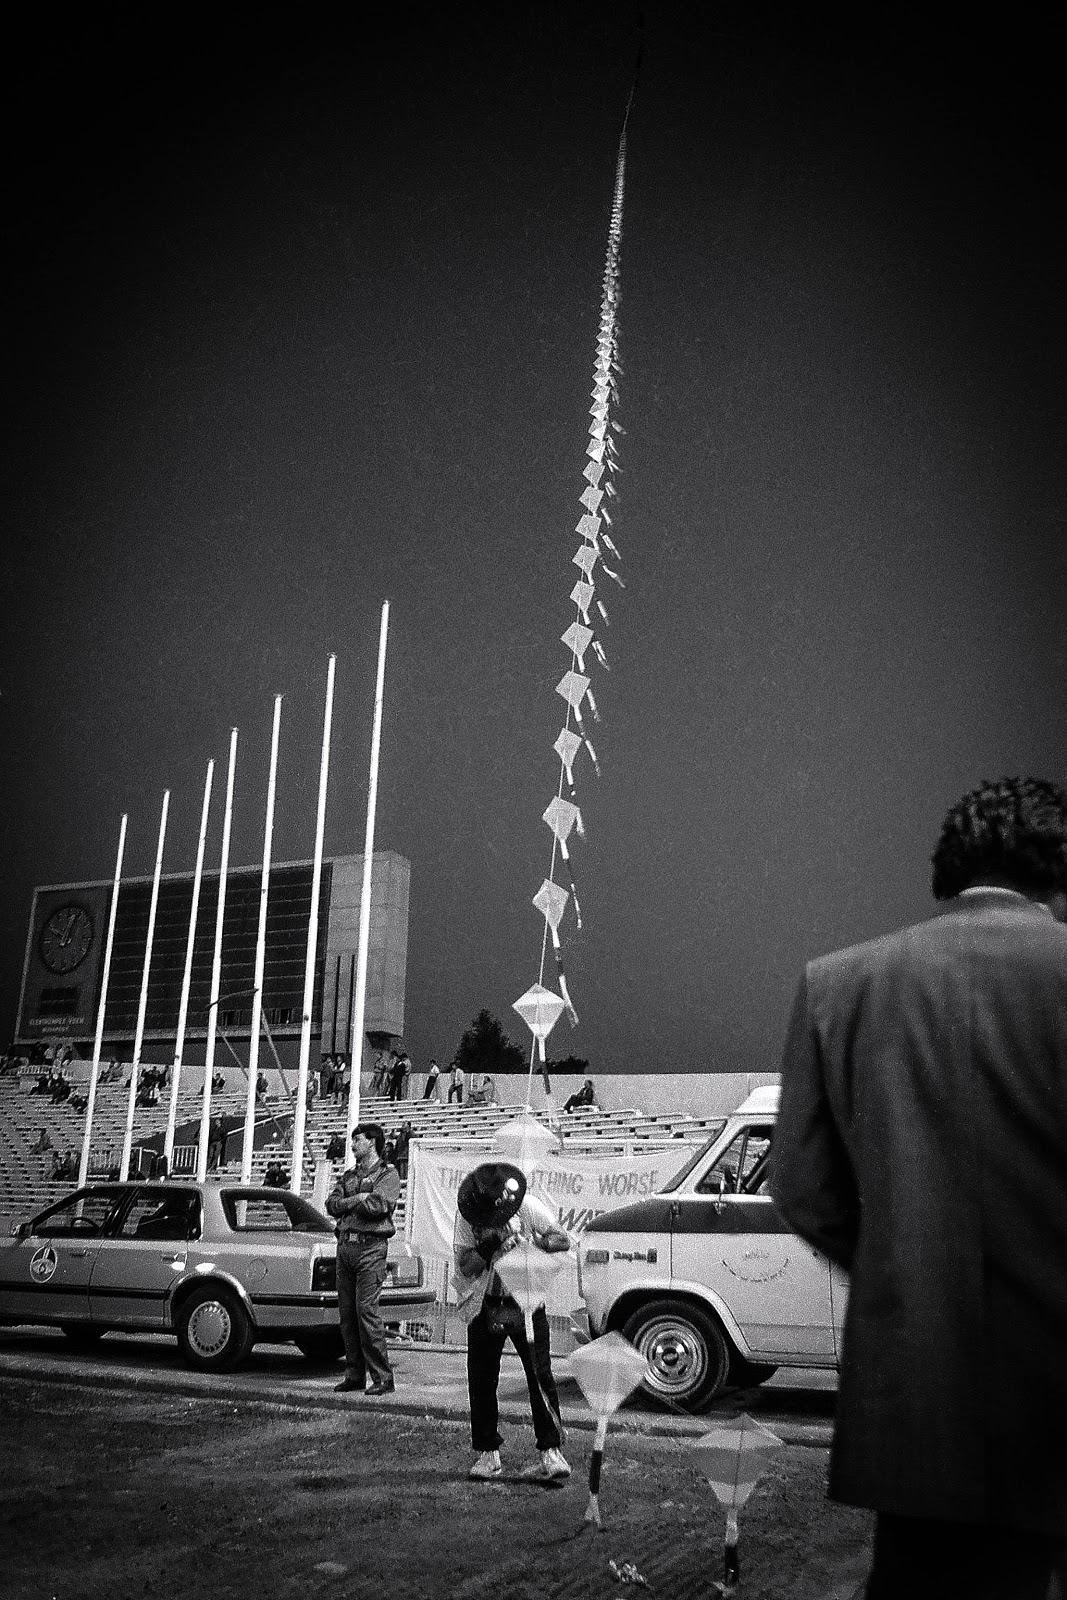 Kites, Baghdad, 1990